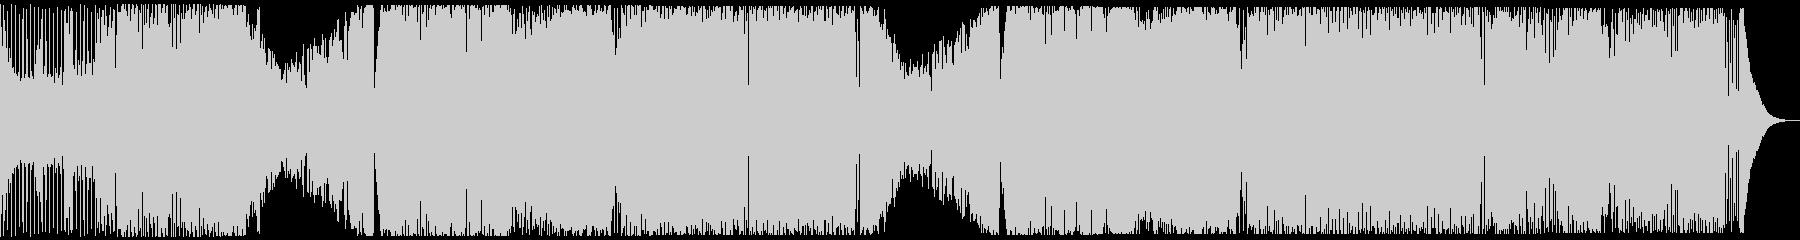 ワイルドなBIGROOM系EDMの未再生の波形